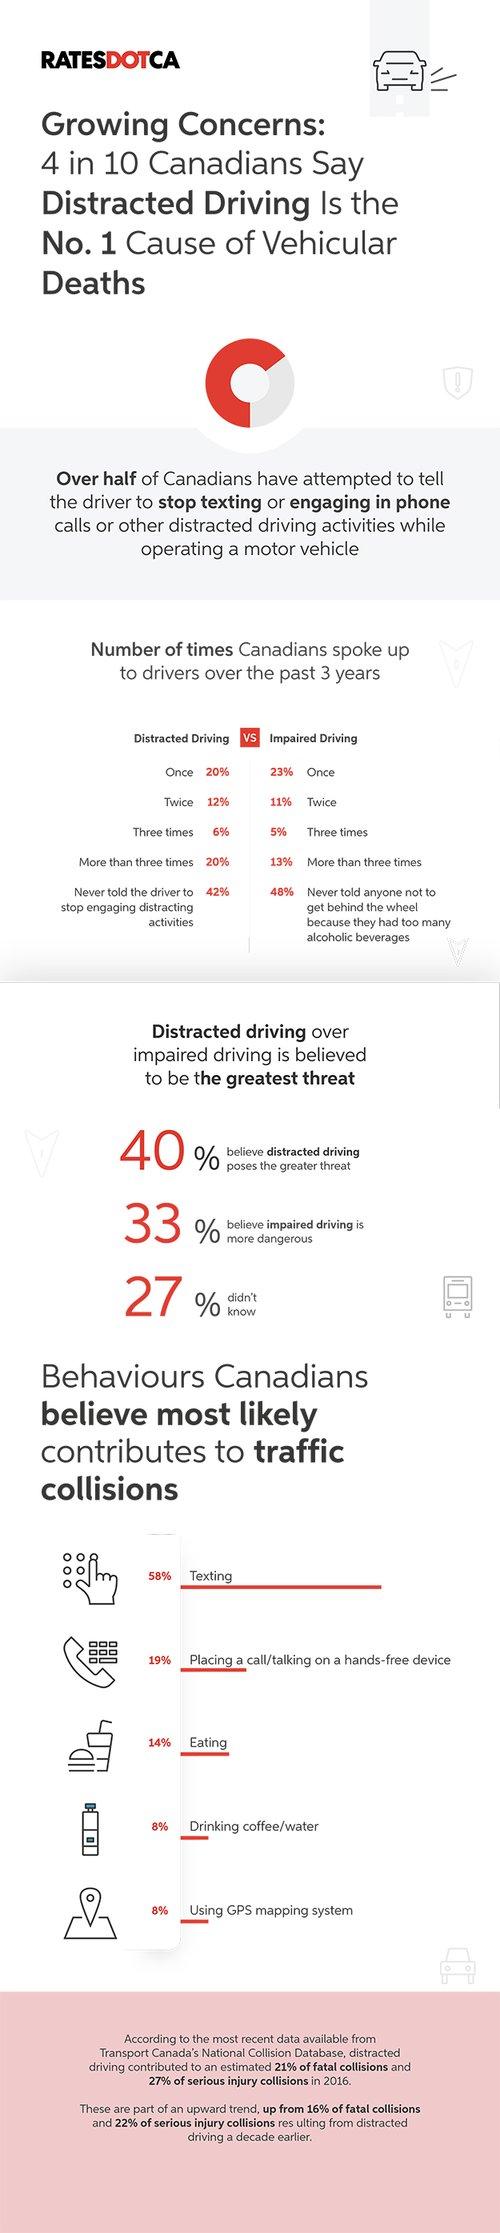 Distracted Driving Part 1-RATESDOTCA.jpg